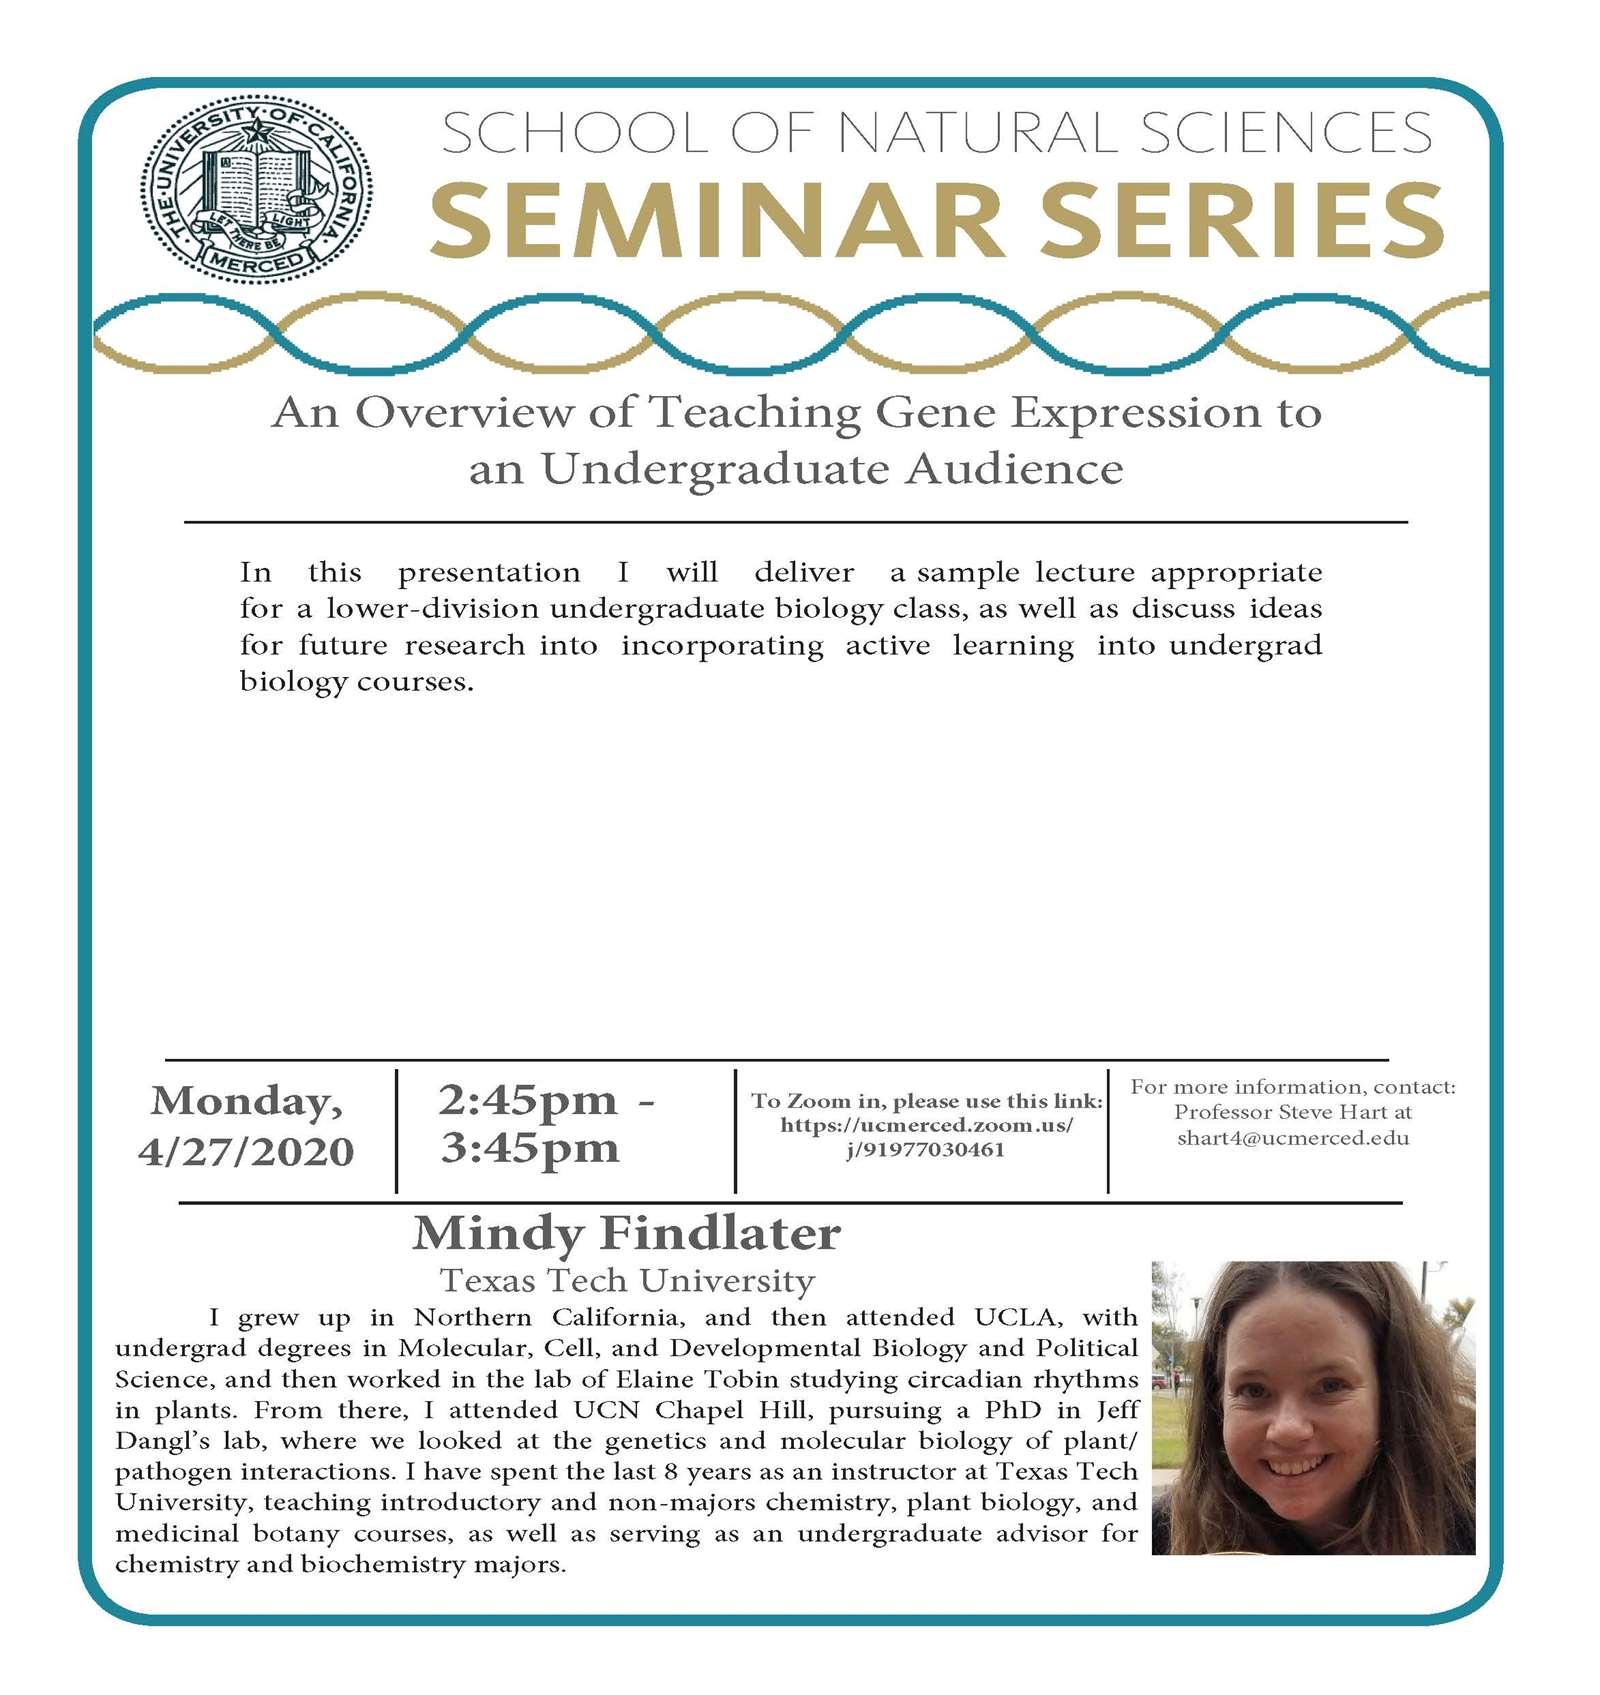 LES Seminar for Dr. Mindy Findlater